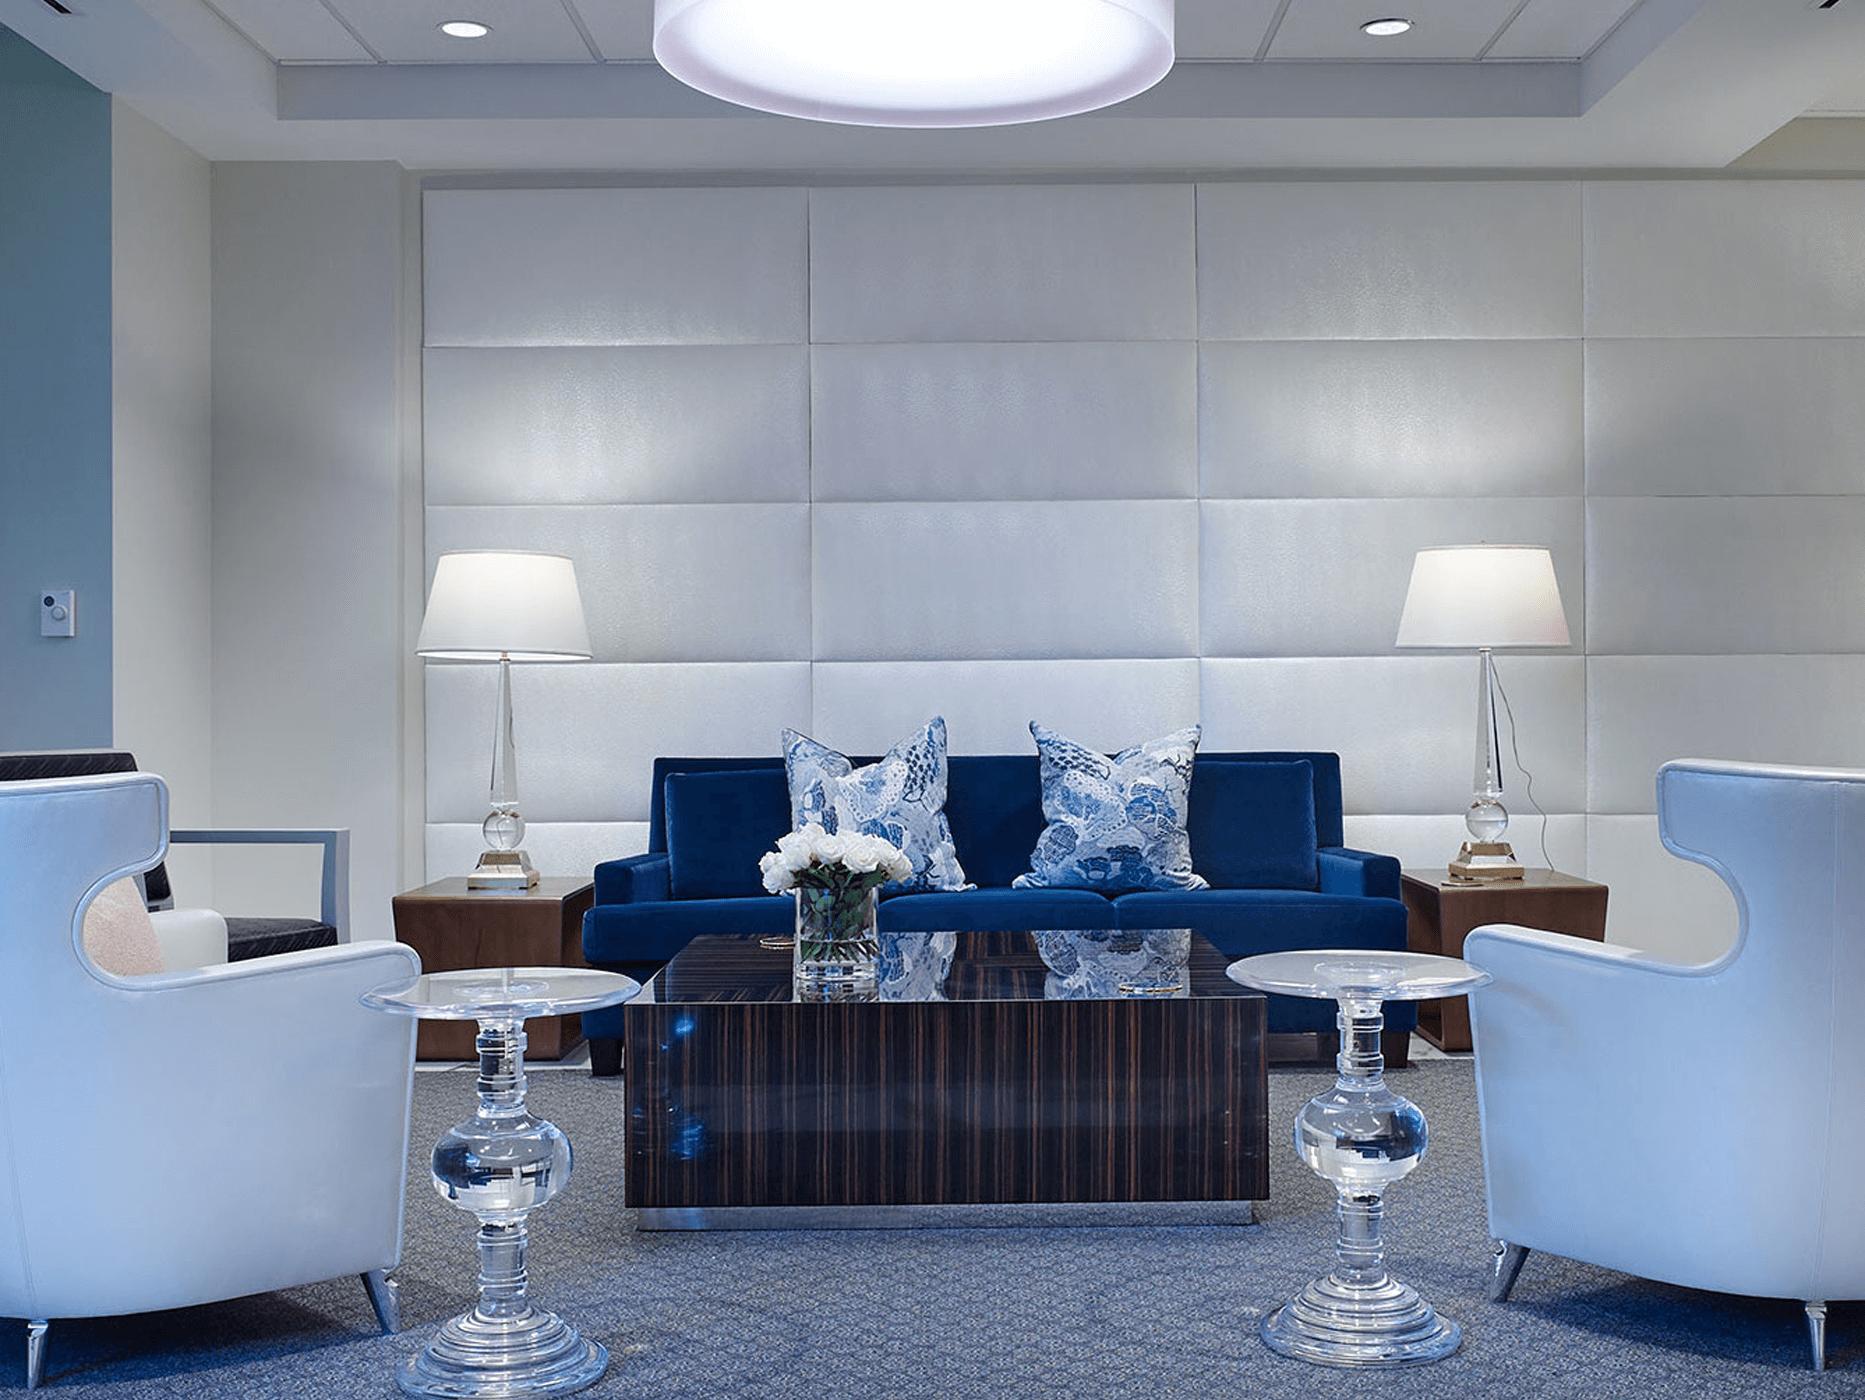 Dentist Interior Design Birmingham